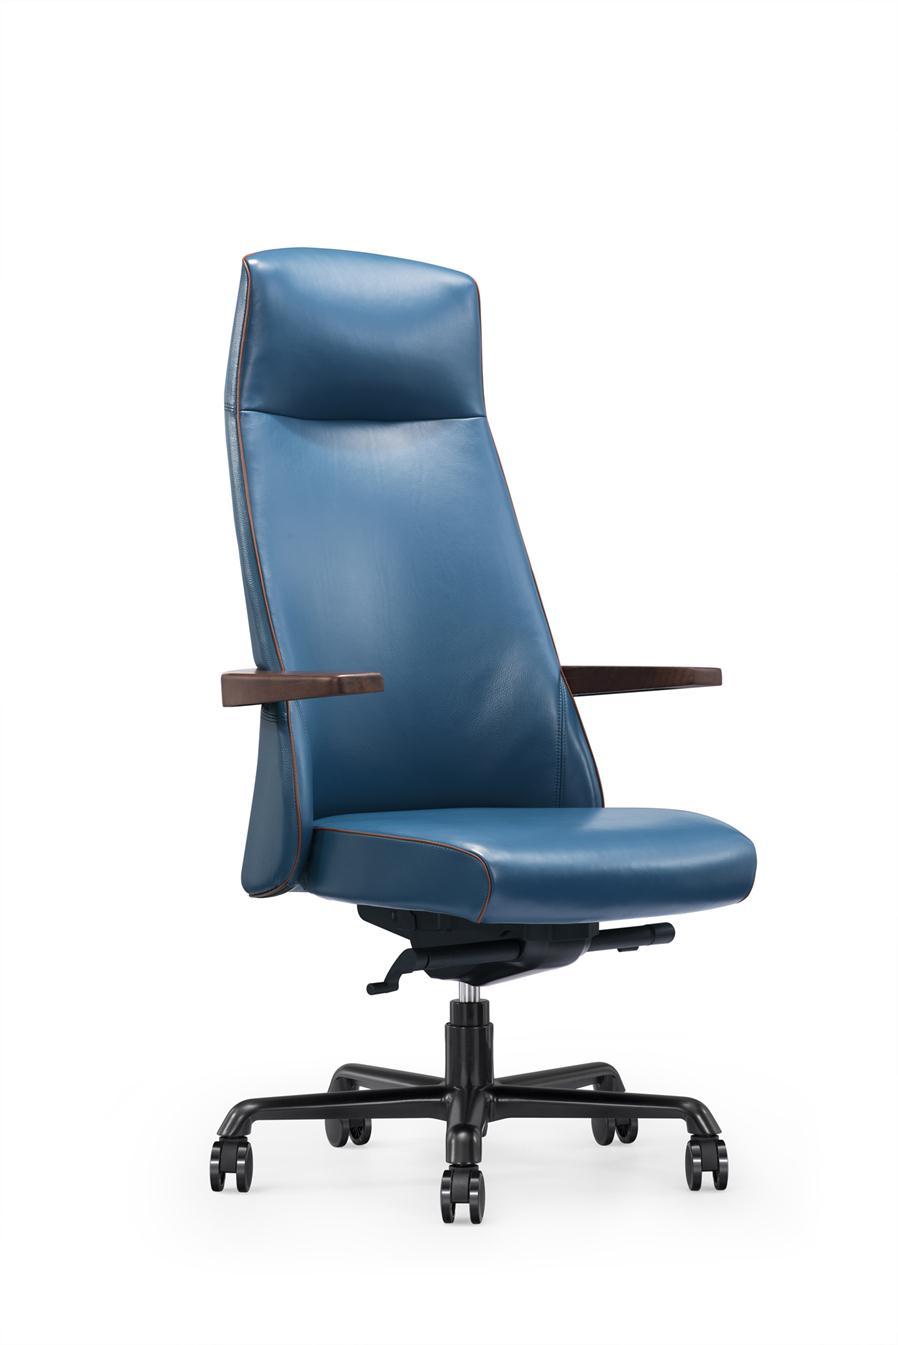 高端办公椅_定制高端办公椅办公椅厂家-沈阳易构家具